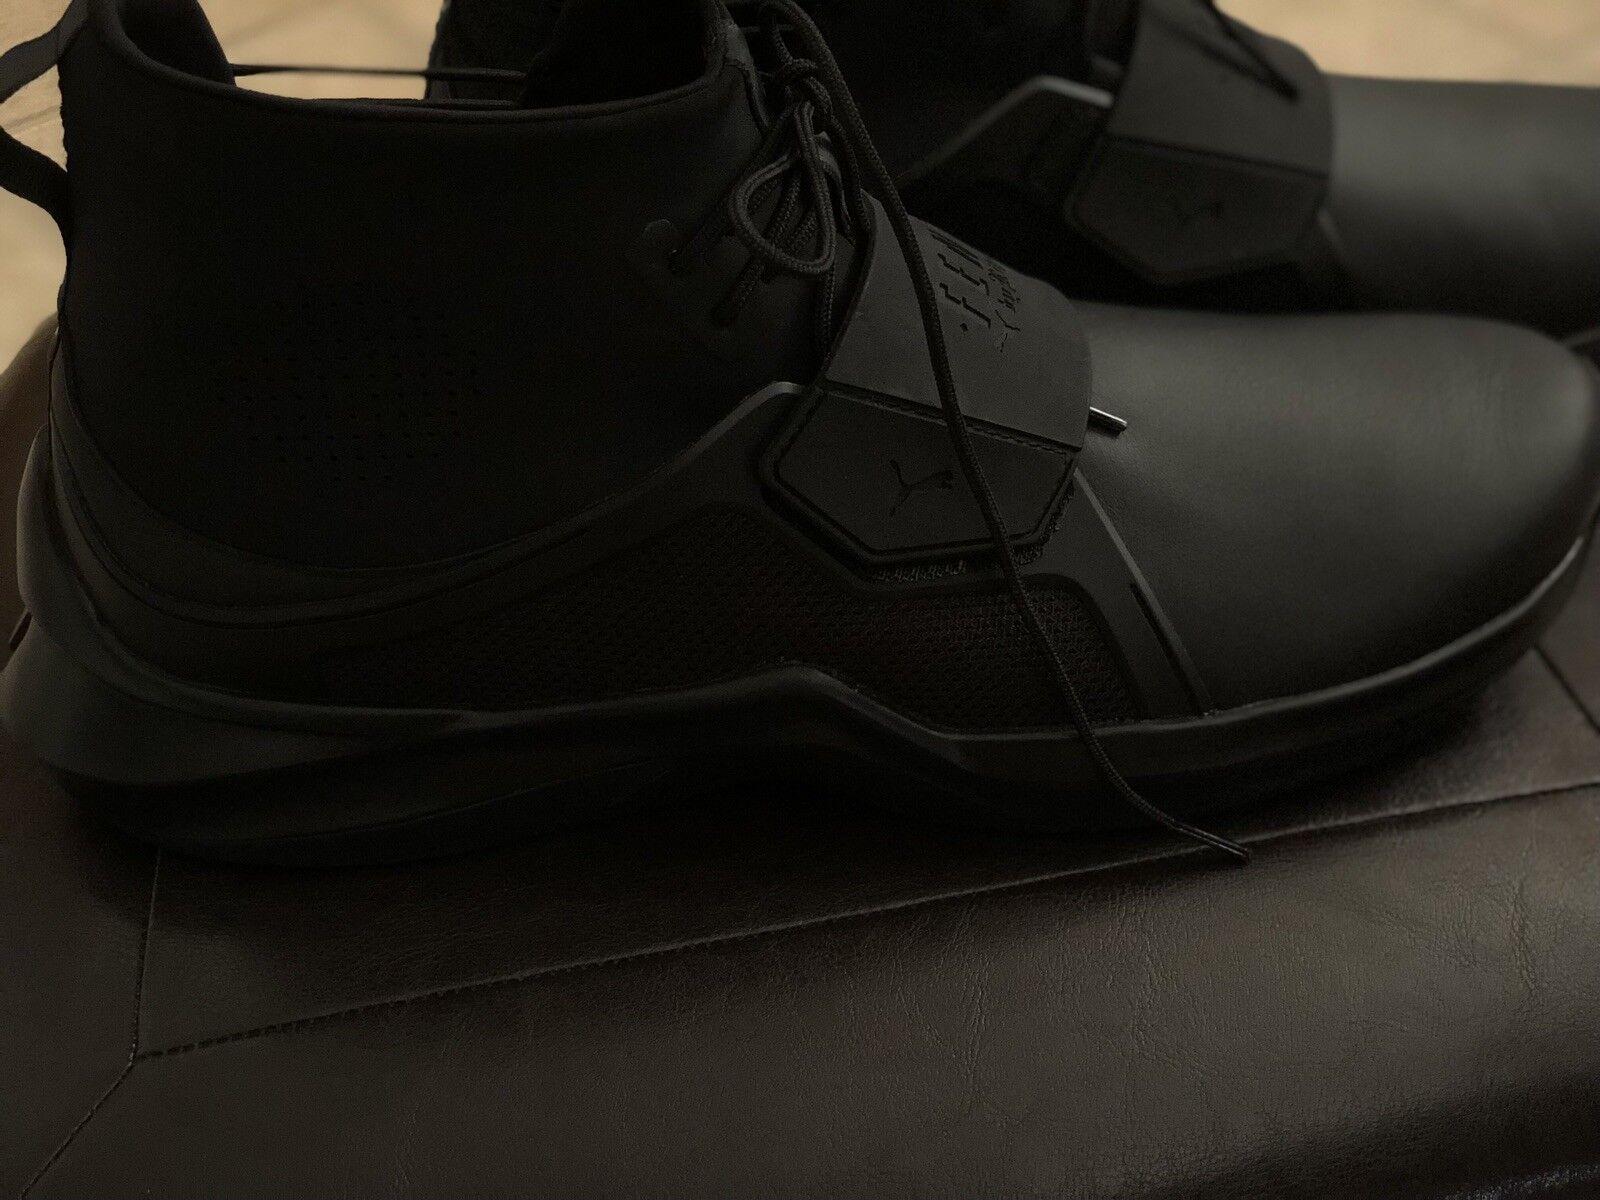 Puma 191001-01  rihanna fenty 191001-01 Puma l'allenatore ciao da scarpe nere 190 uomo numero 14 f40287